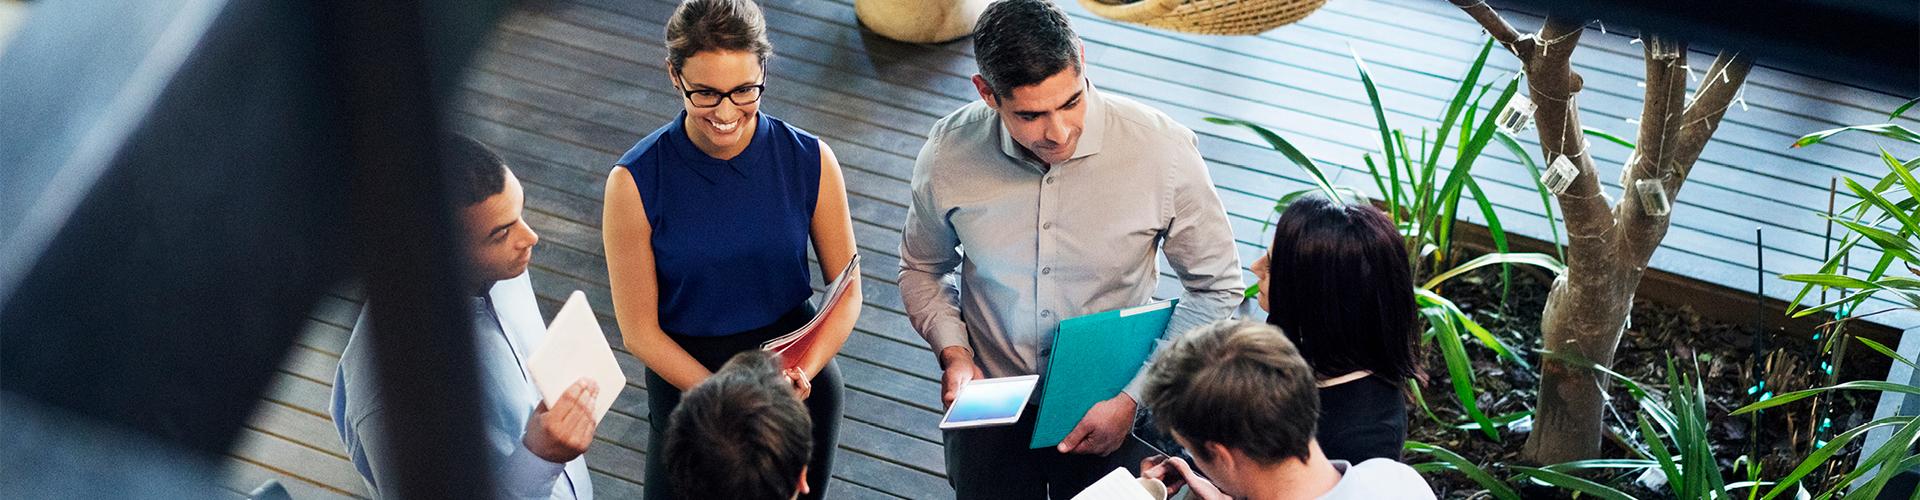 Personaleinsatzplanung Software von ORTEC